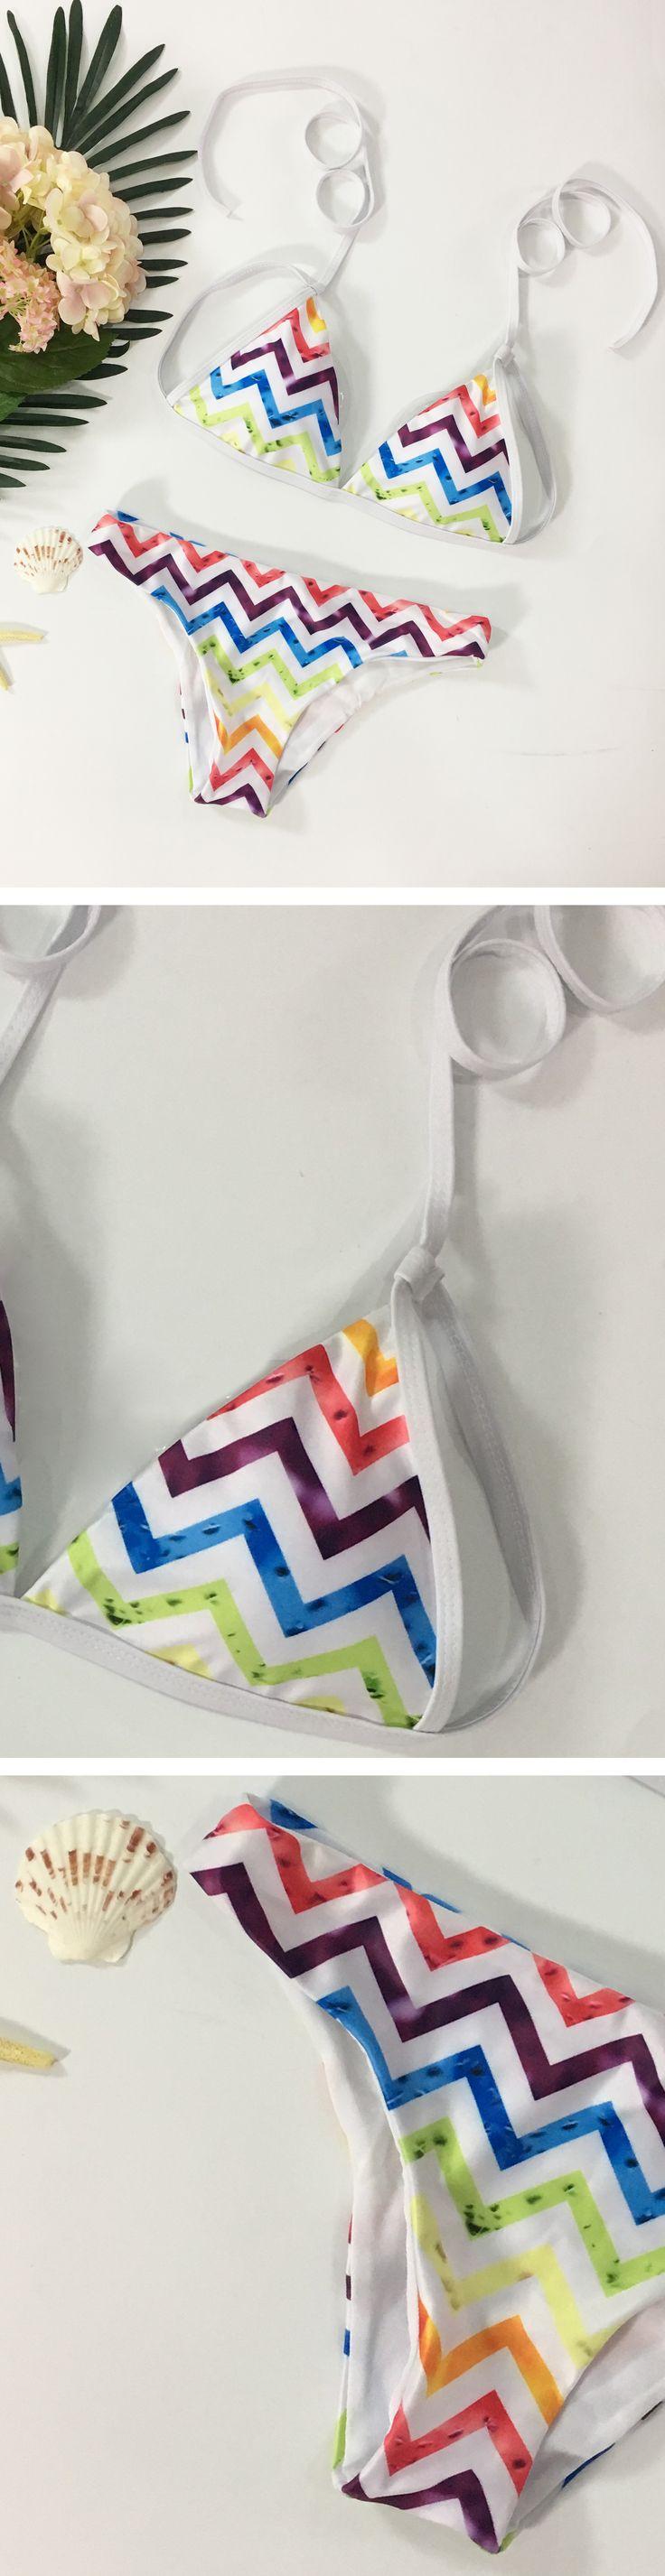 Women's Fashion Two Piece Chevron Print Bikini Swimsuit Set